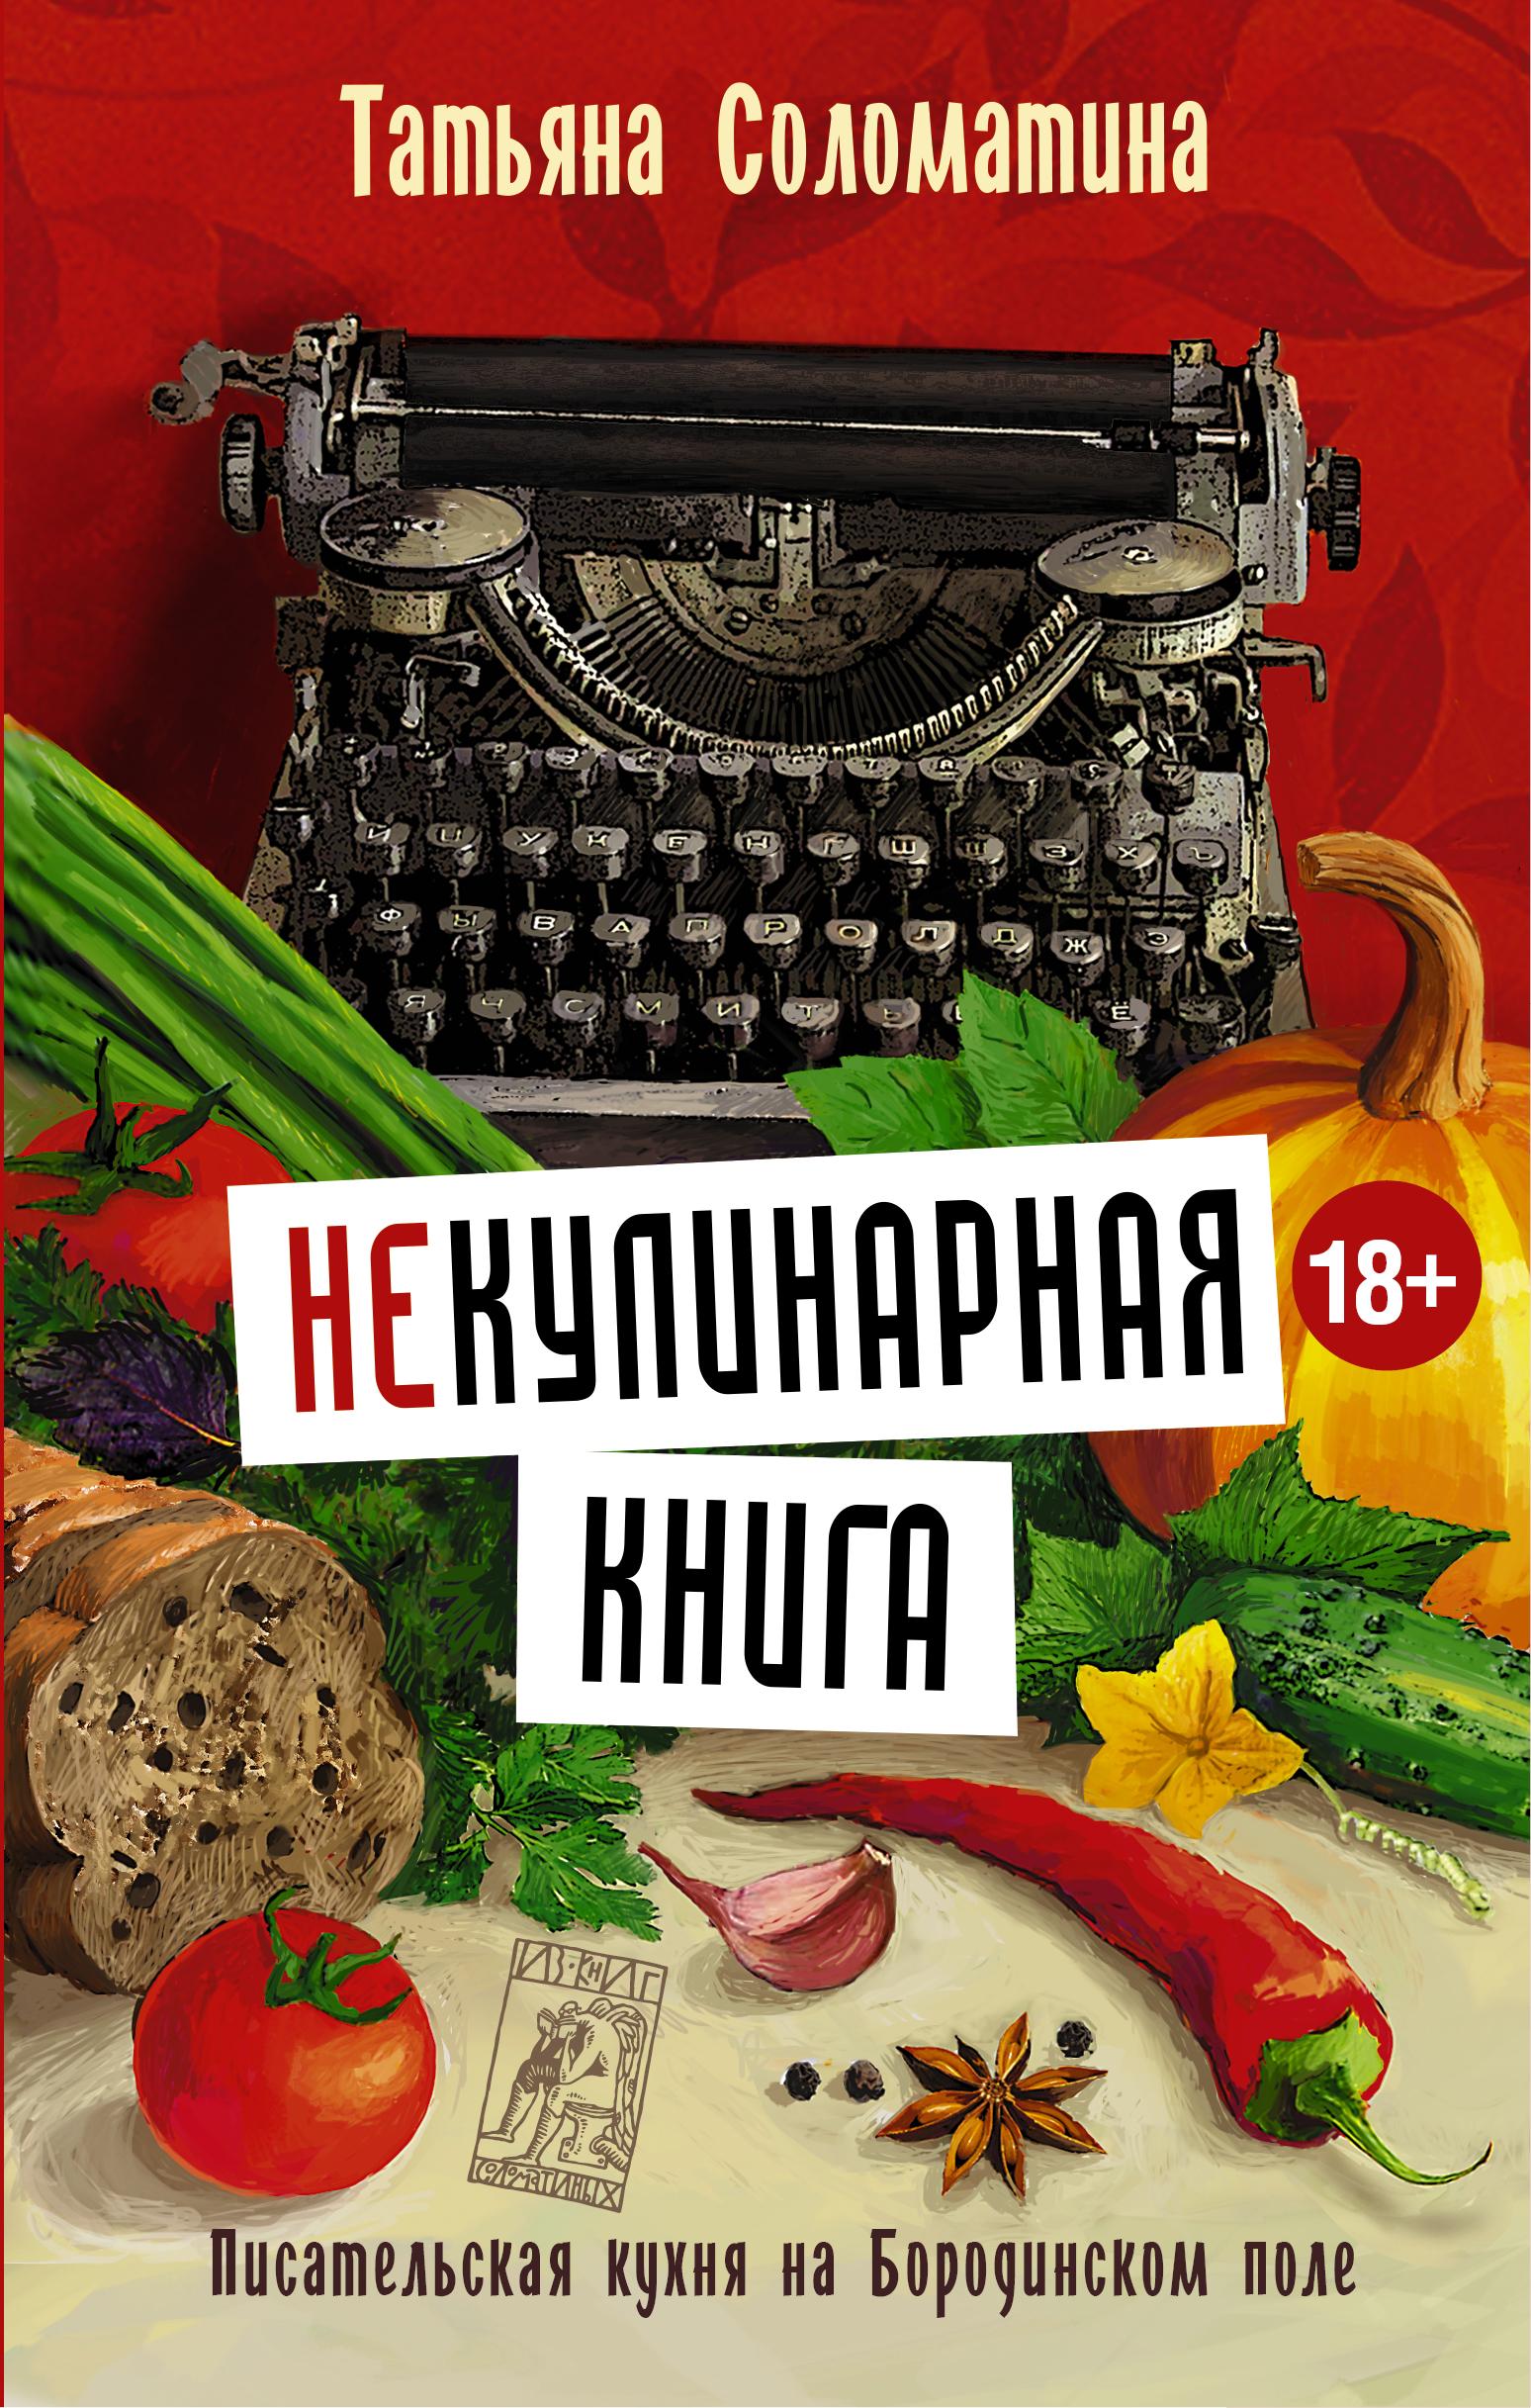 Соломатина Т.Ю. (Не)Кулинарная книга. Писательская кухня на Бородинском поле archeage поле пшеницы где